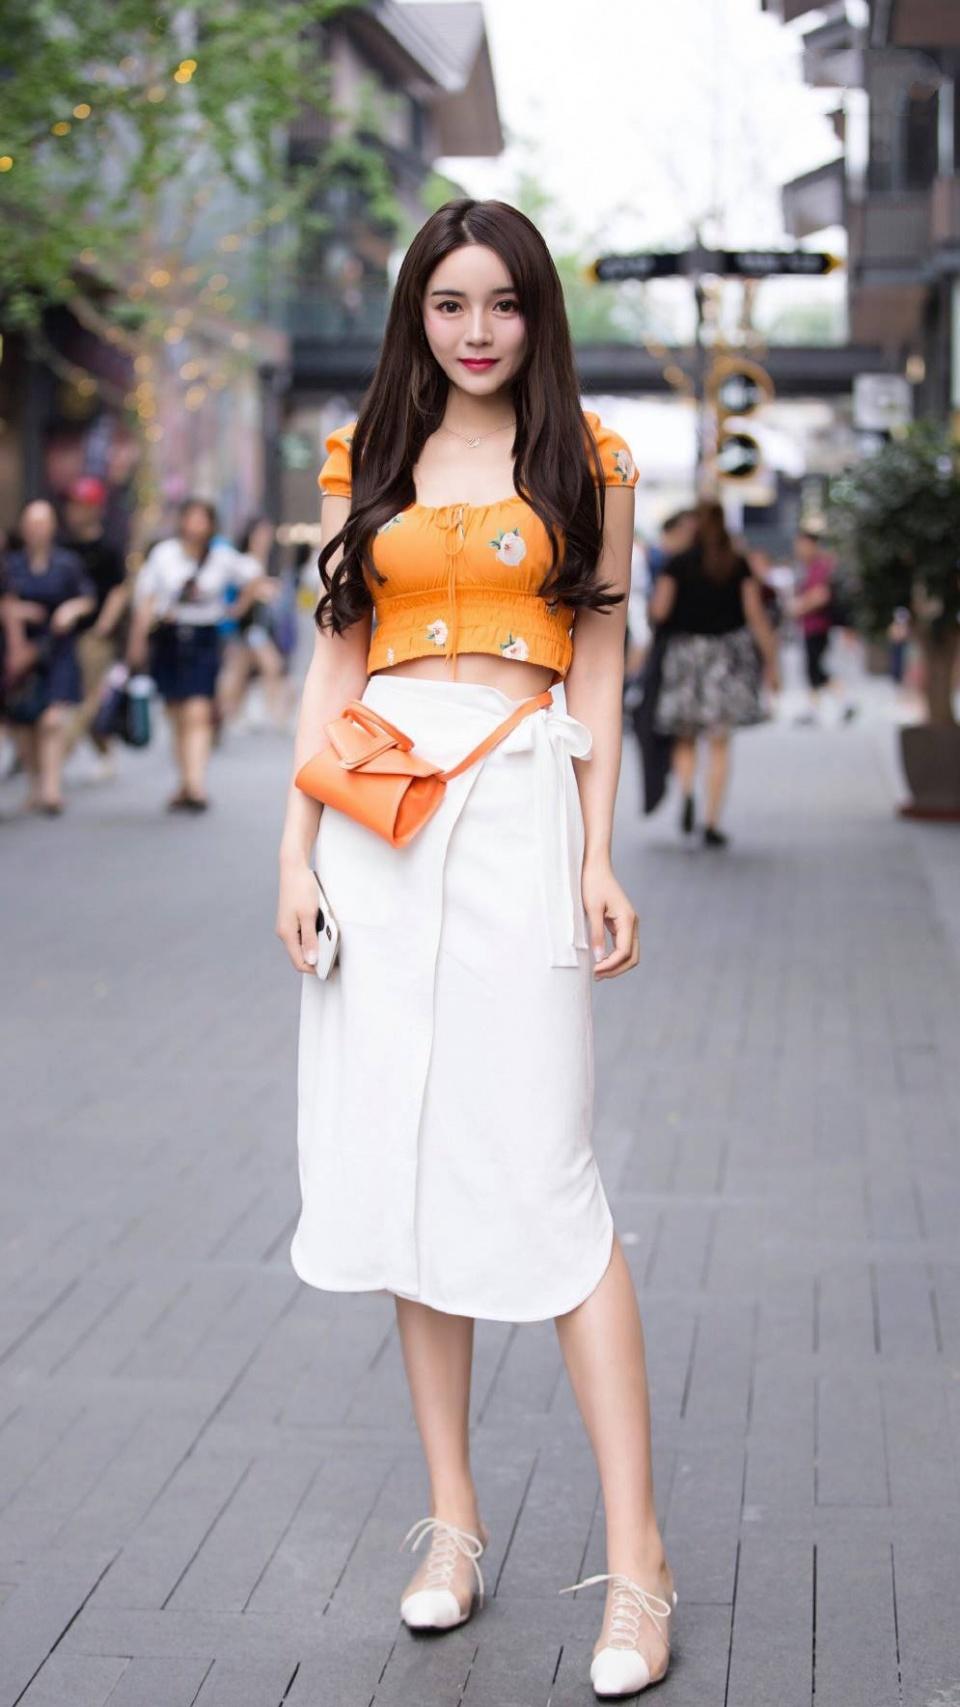 30岁的女人出门这样穿,气场一点都不输,减出20岁年轻效果